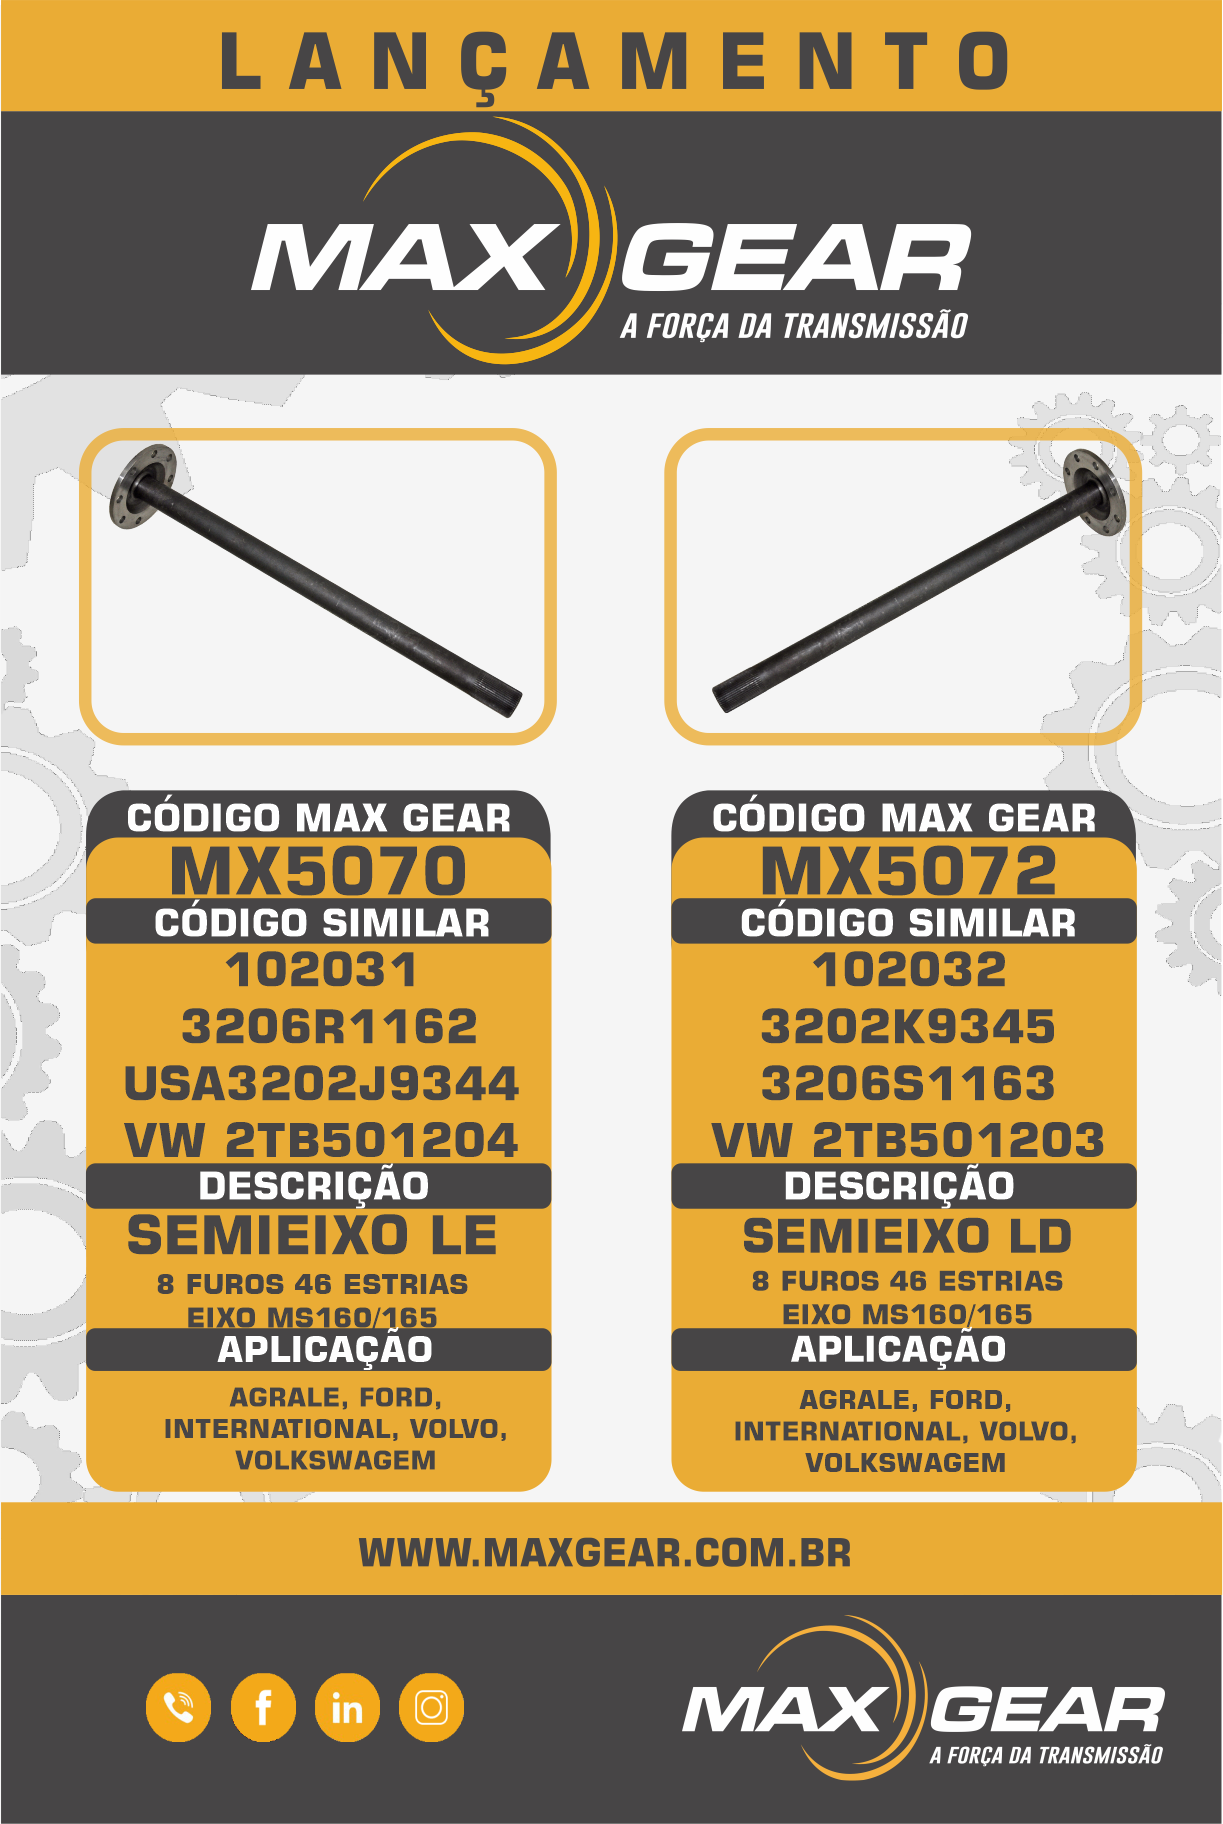 LANÇAMENTO MX5070 & MX5072